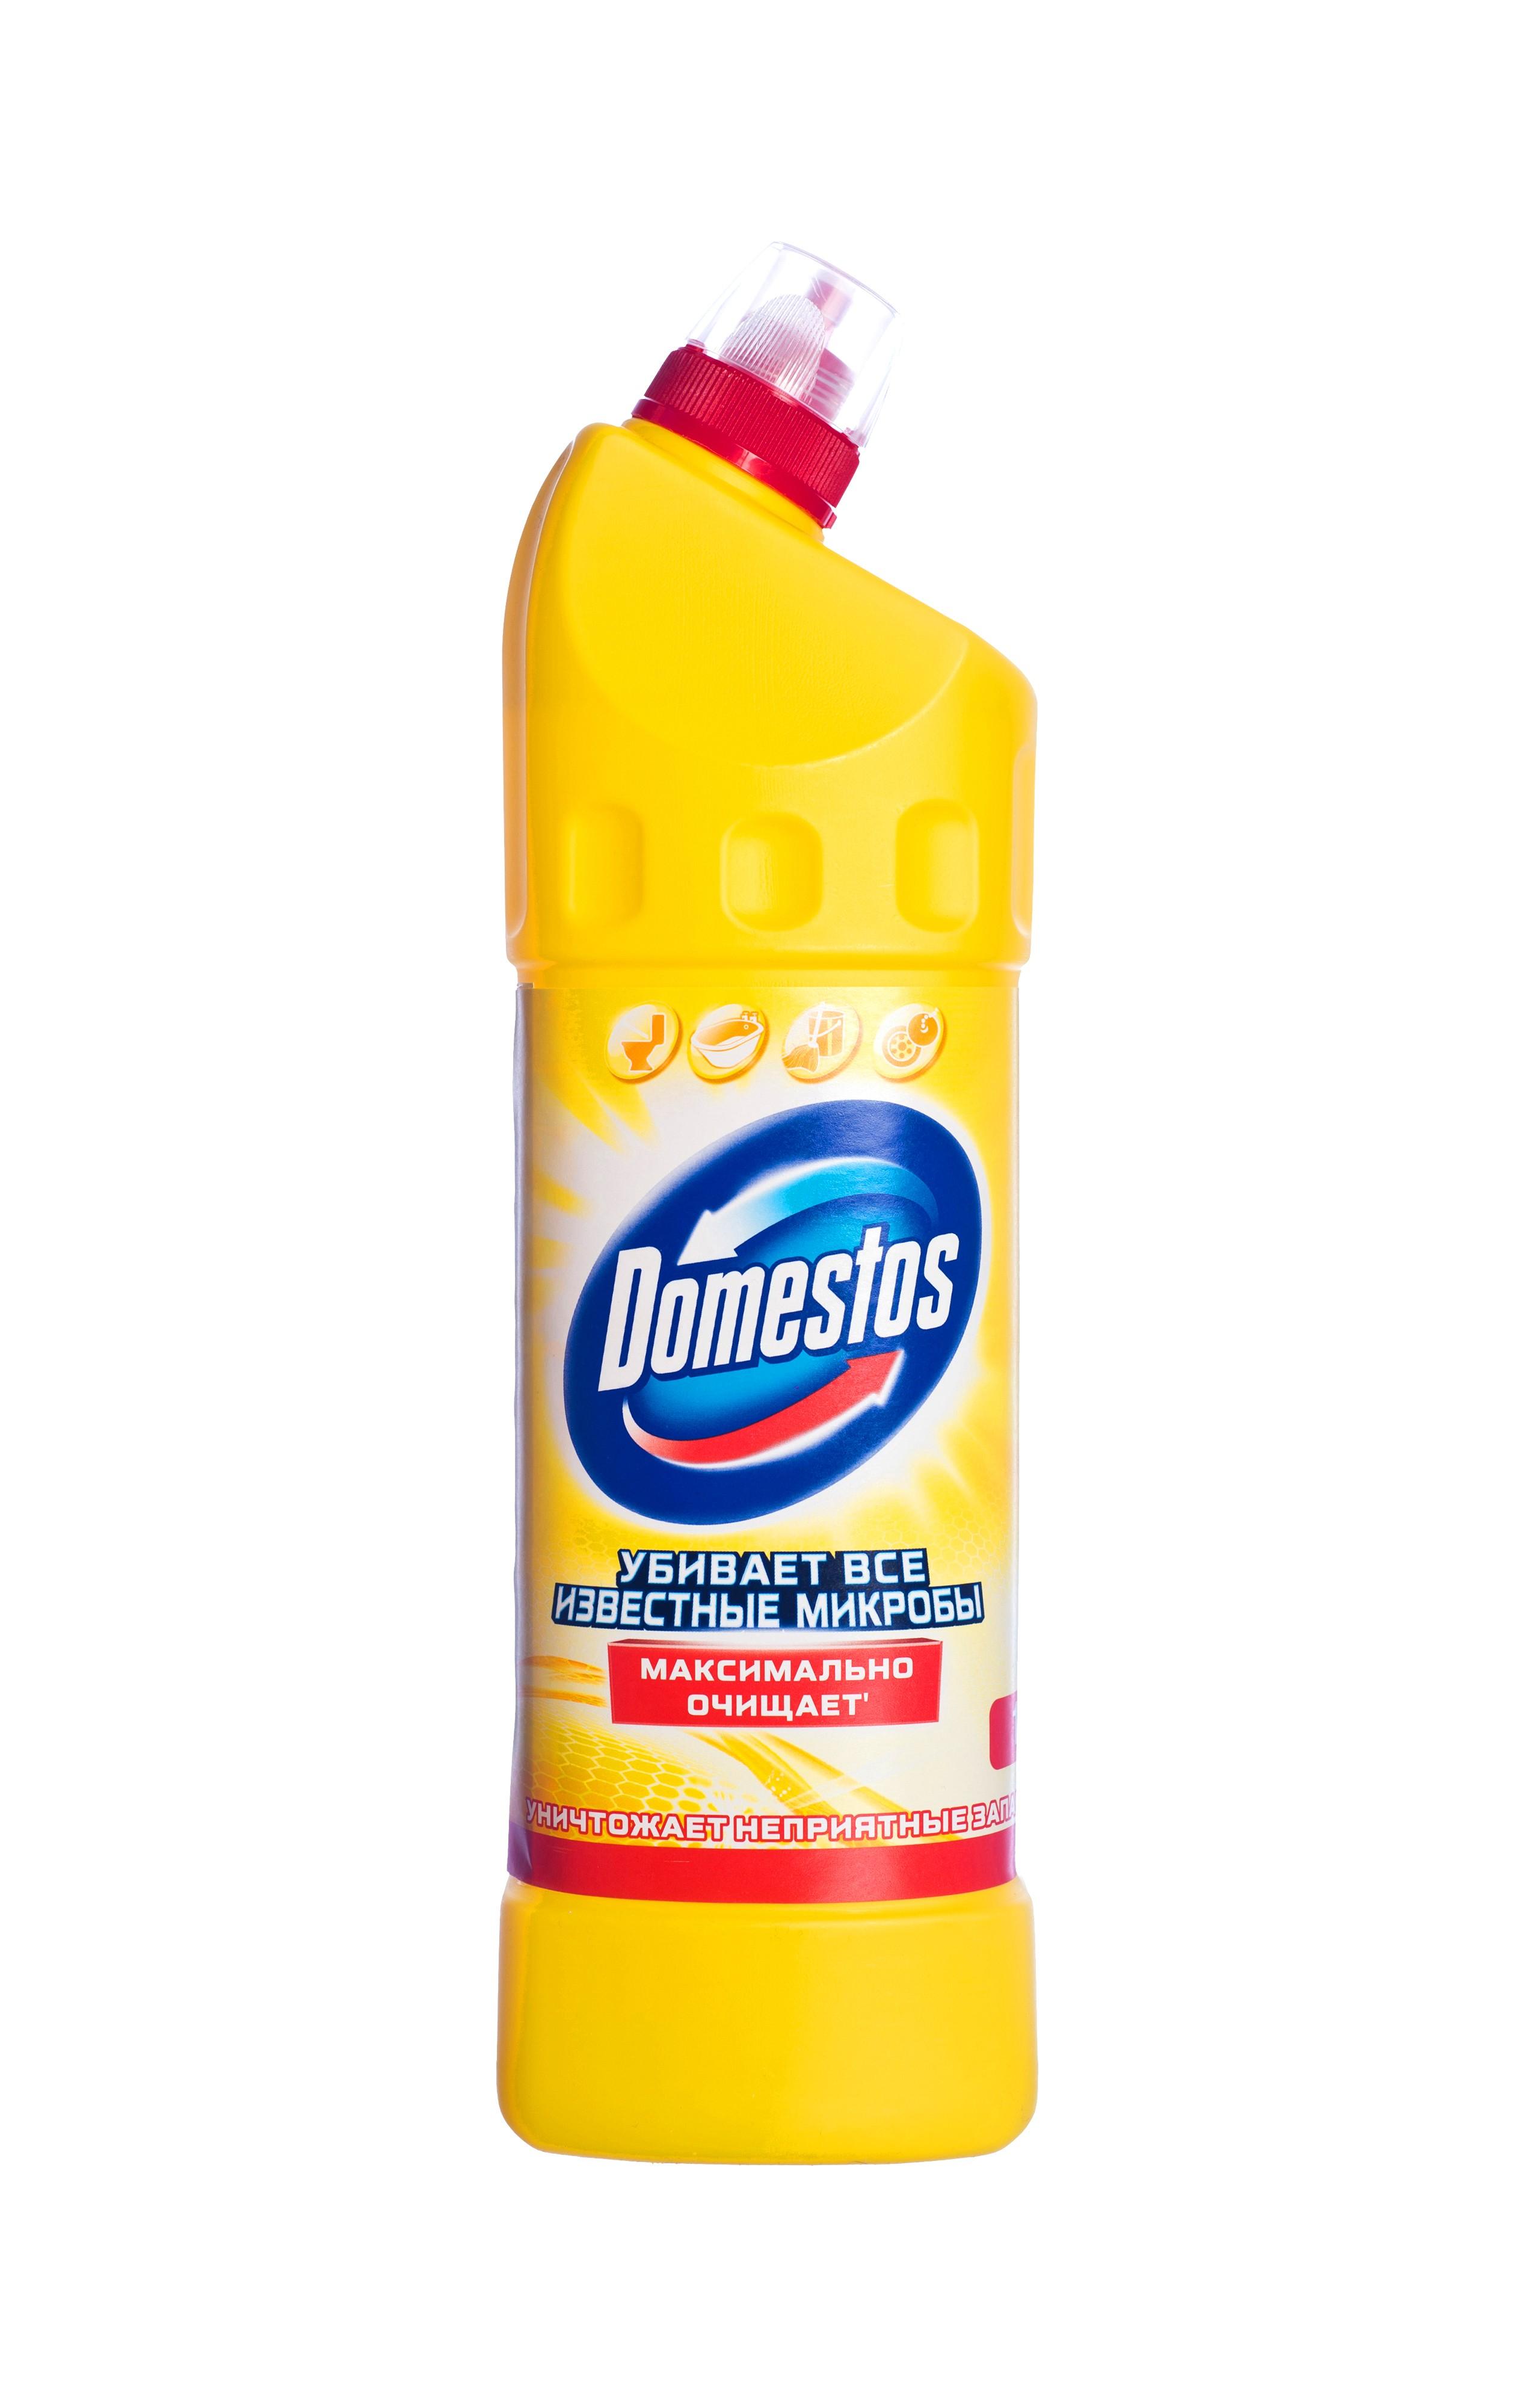 """Универсальное чистящее средство Domestos """"Двойная сила. Лимонная свежесть"""" подходит для  уборки раковин и ванн, кафеля, пола, унитаза, сливов и водостоков на кухне и в ванной. Чистит до  блеска, дезинфицирует и отбеливает. Domestos не только очищает поверхности, но и помогает  бороться со всеми известными микробами - в том числе, вызывающими опасные заболевания,  обеспечивая свежий аромат.  Густой, многофункциональный, экономичный и невероятно эффективный. Среди средств для  туалетов Domestos - бесспорный лидер, благодаря густой формуле и удобной форме бутылки.  Нельзя забывать, что гигиена важна не только в туалете, но и в ванной. Влага и тепло -  идеальные условия для размножения бактерий, грибка, плесени. Регулярное использование  небольшого количества Domestos на мокрой тряпке или губке в ванной убирает мыльной осадок,  темные пятна, дезинфицирует поверхности.  Domestos безопасен. При надлежащем использовании Domestos абсолютно безвреден как для  людей, так и для окружающей среды: содержащееся в нем активное дезинфицирующее вещество  сразу после применения распадается на безопасные компоненты.  Состав: менее 5%: гипохлорит натрия, анионные ПАВ, неионогенные ПАВ, мыло, отдушка.   Товар сертифицирован."""